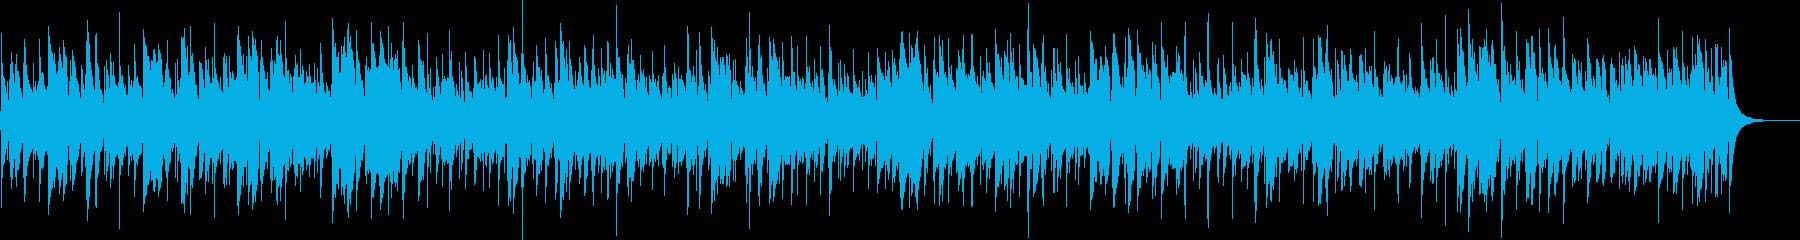 秋の訪れを感じるマンドリンの音色の再生済みの波形